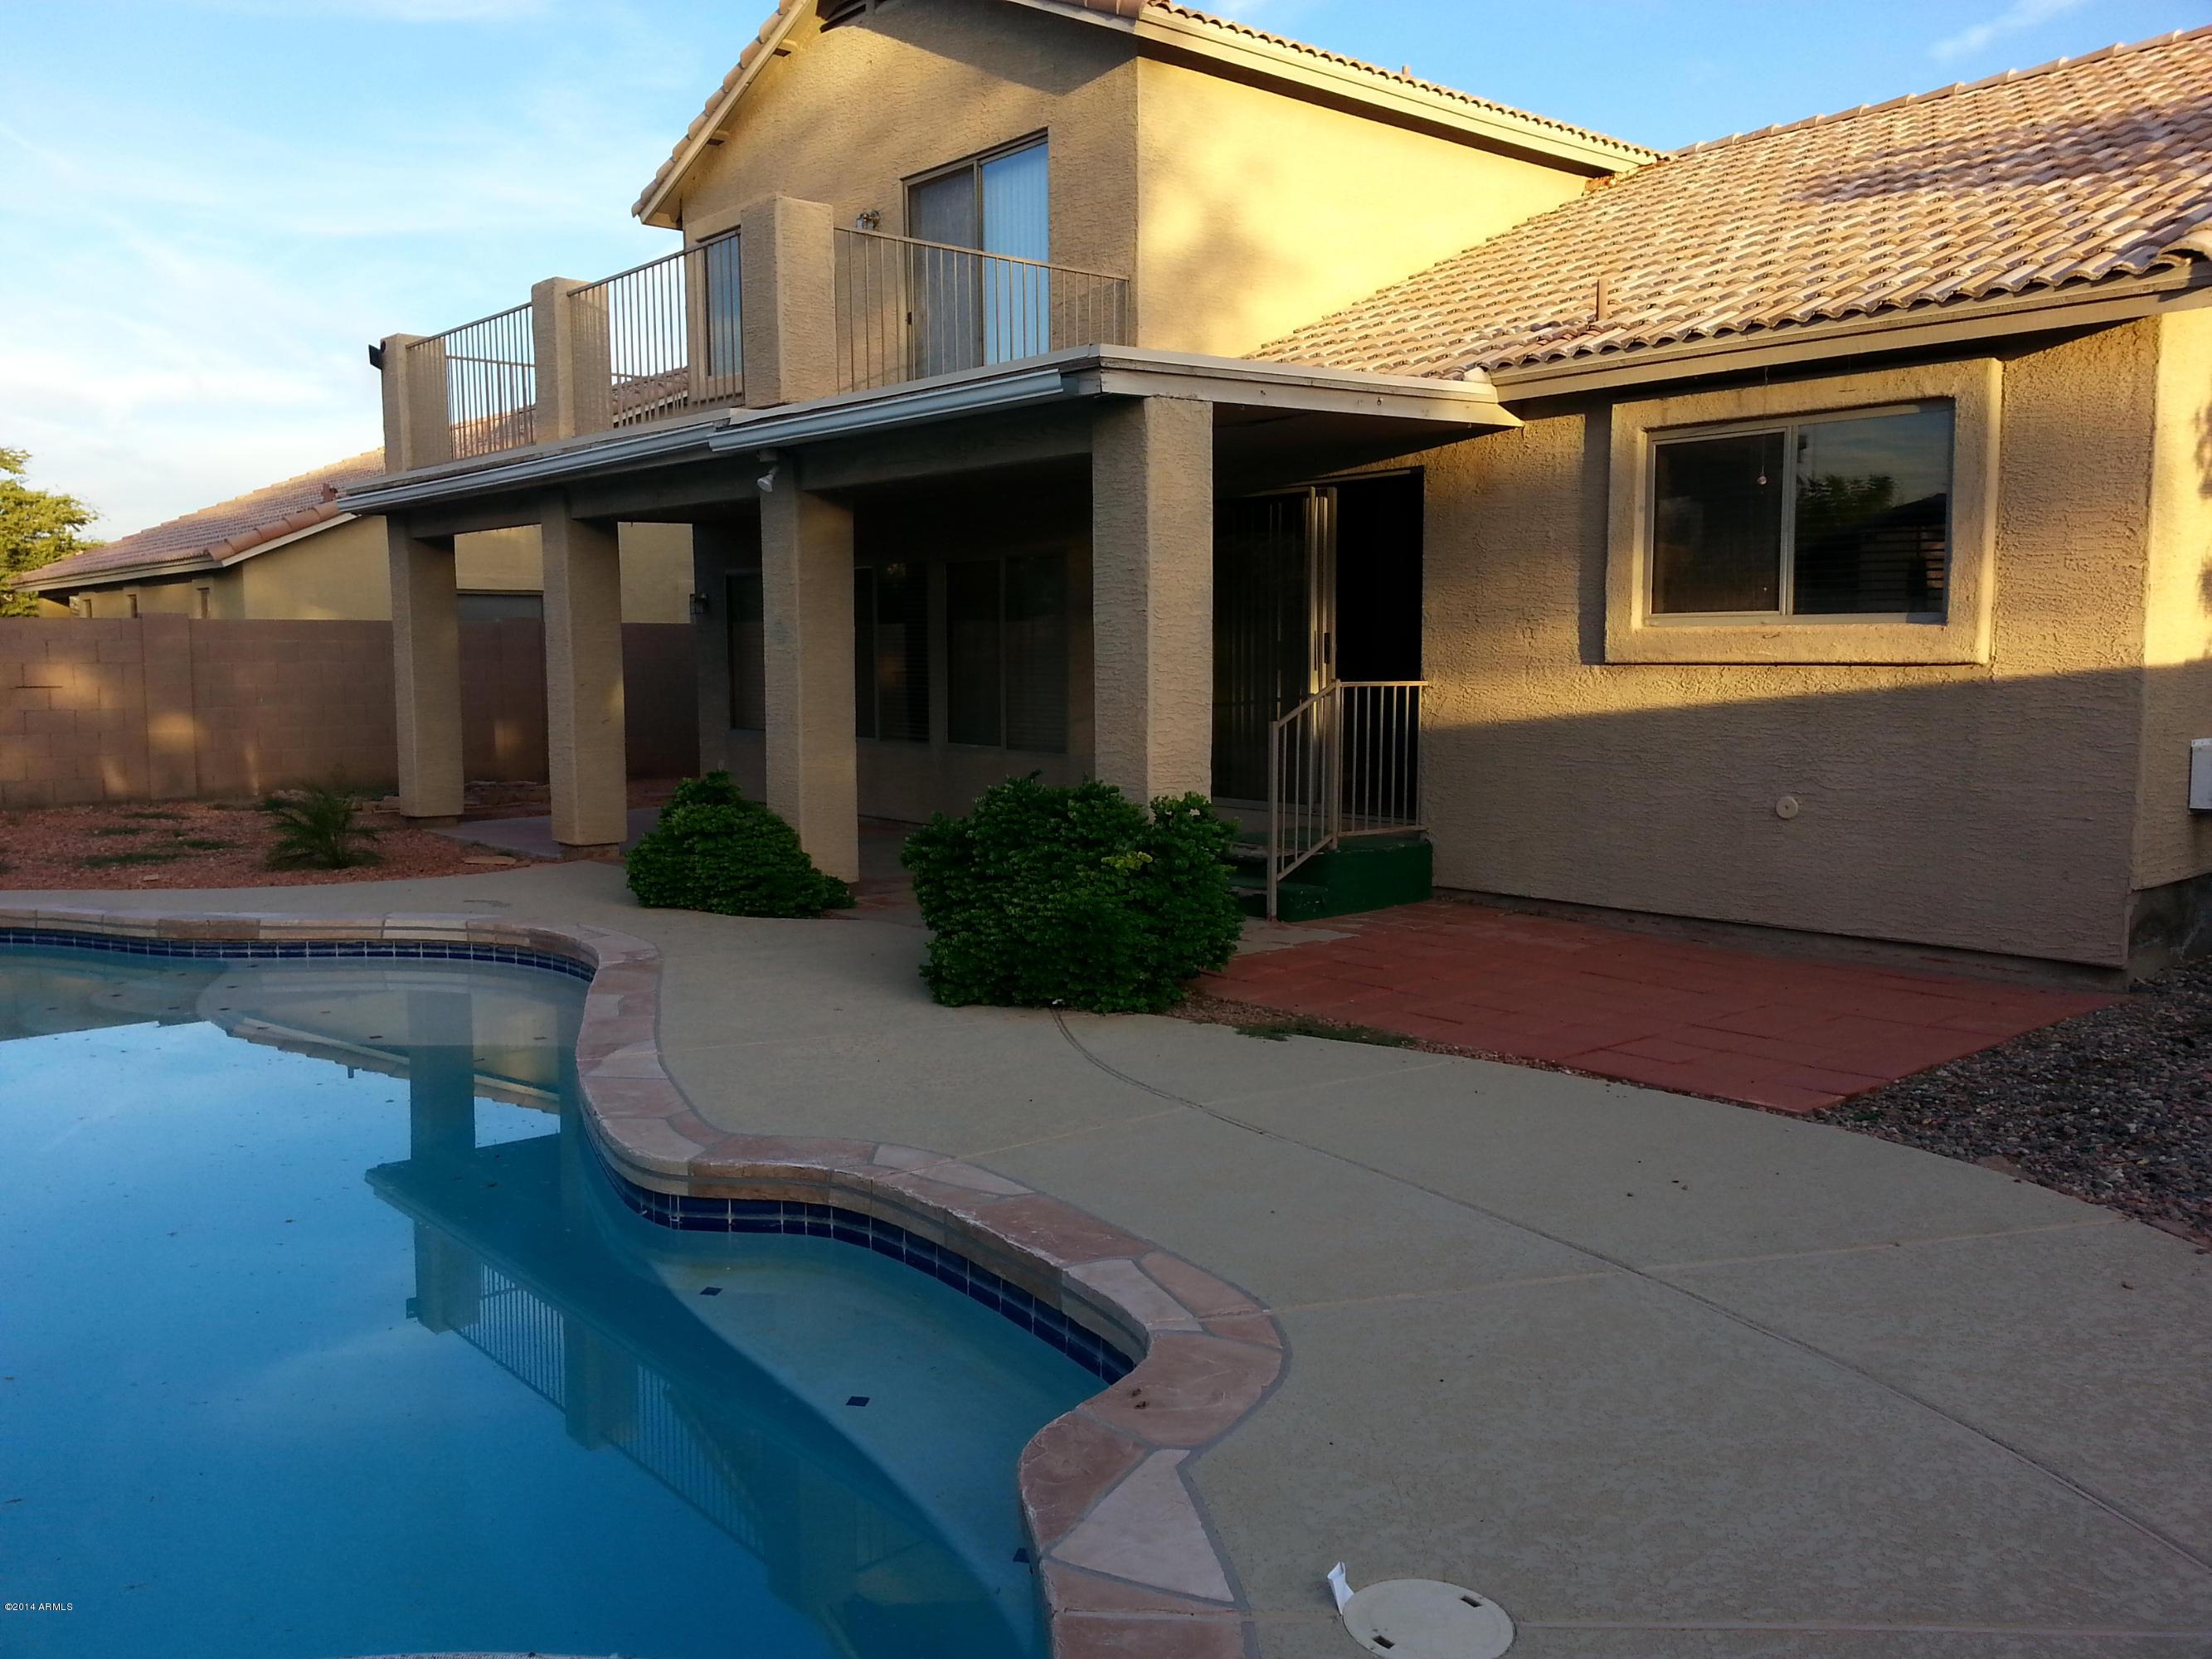 MLS 5824553 7005 W PECK Drive, Glendale, AZ Glendale AZ Private Pool